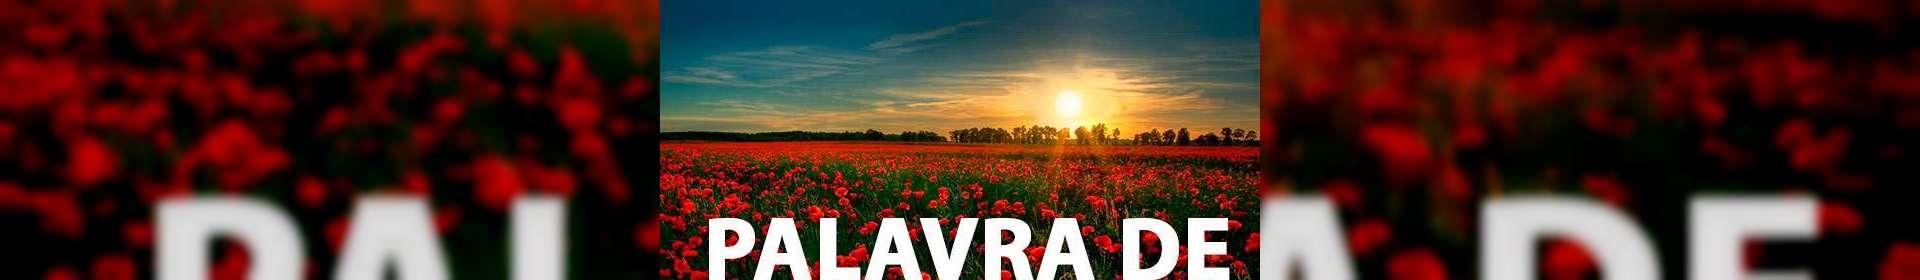 Salmos 46:7 - Uma Palavra de Esperança para sua vida